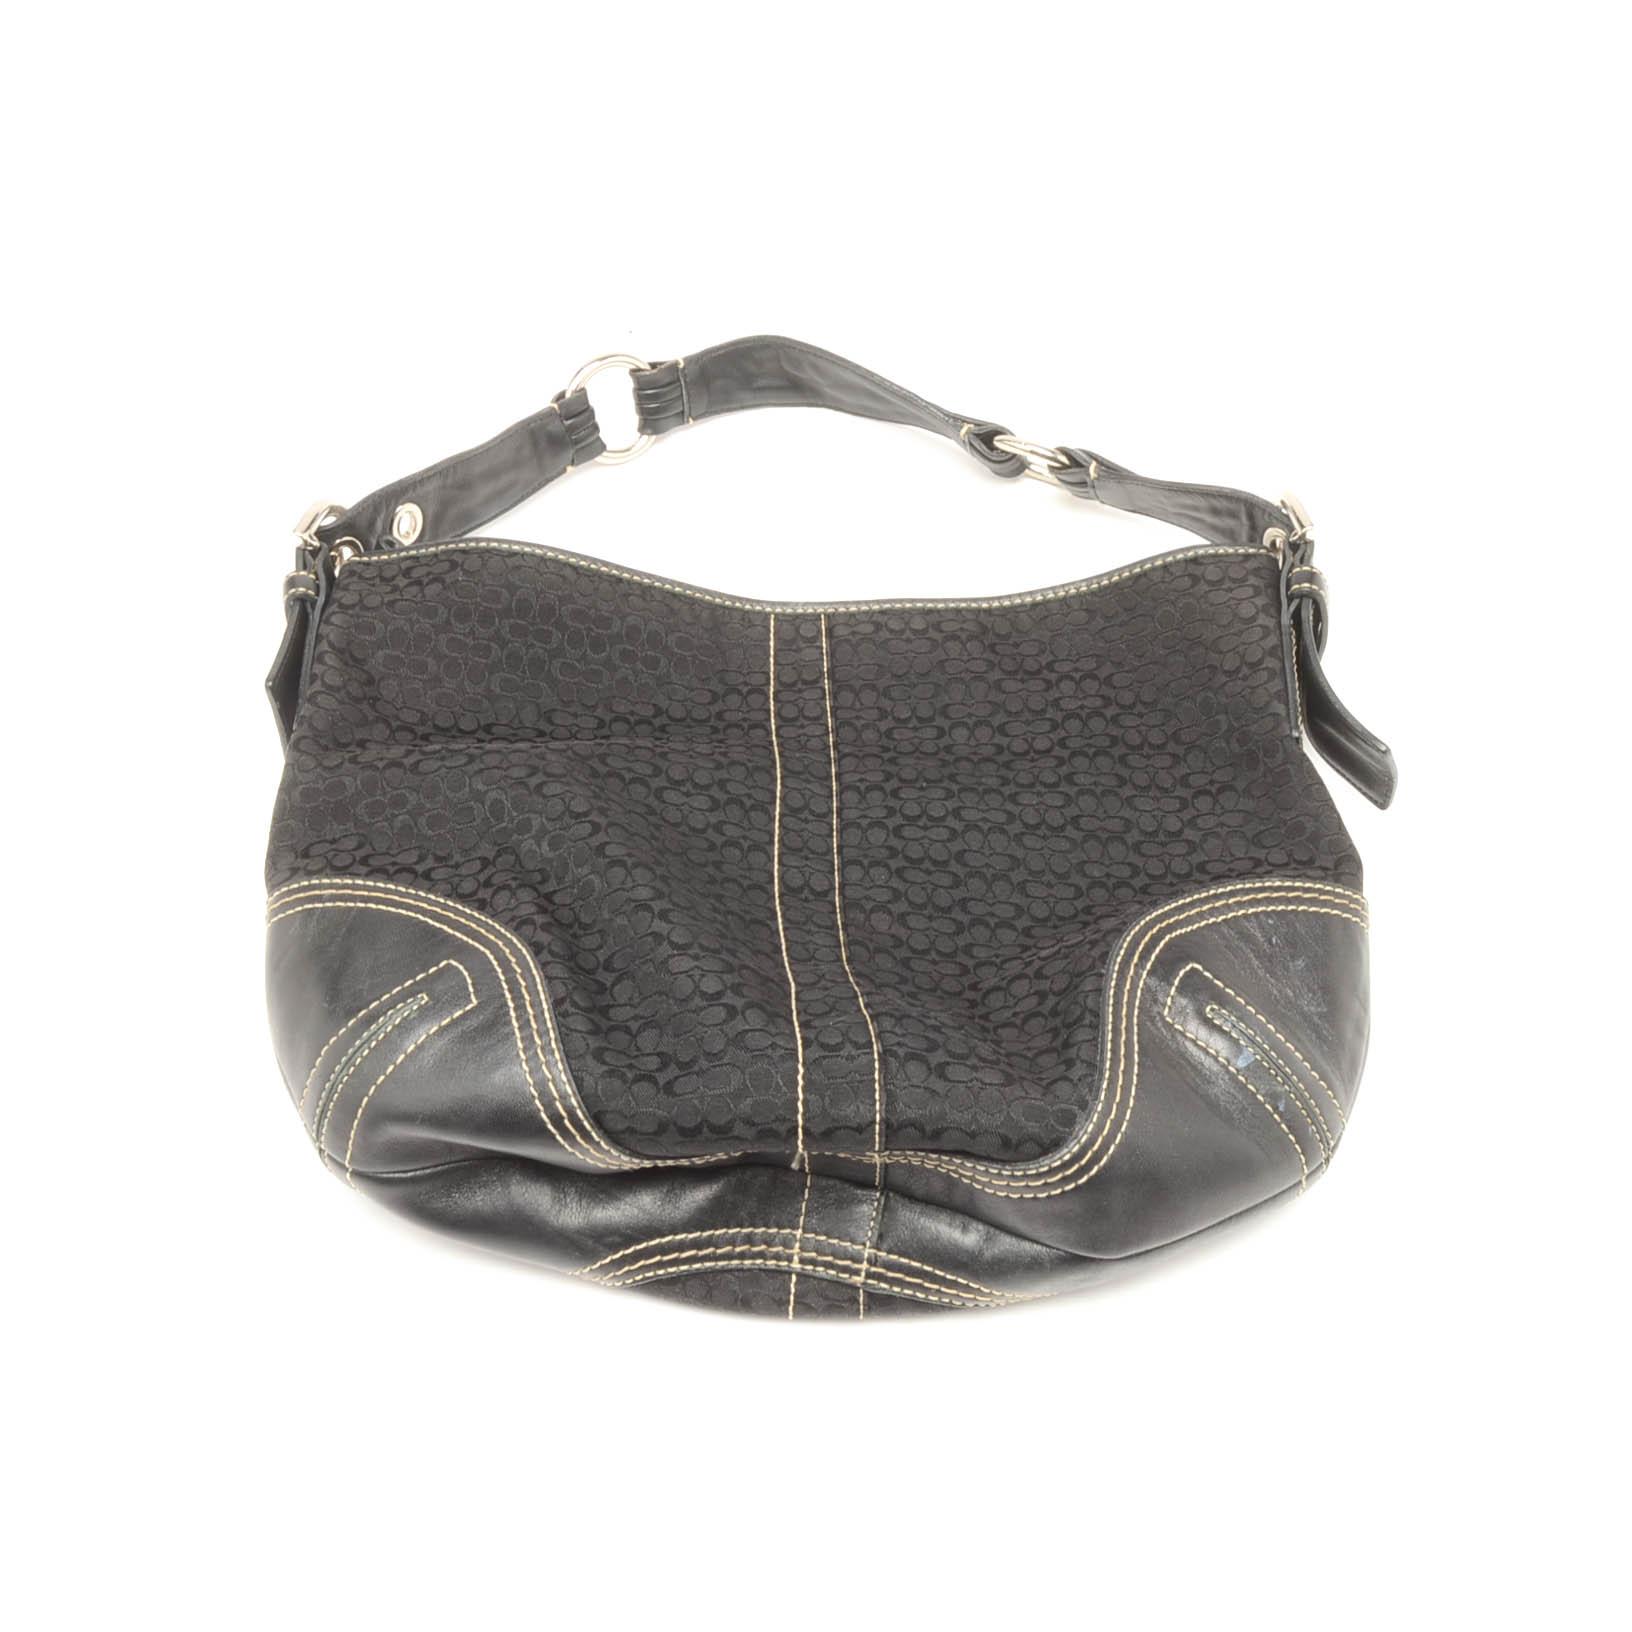 9dce5fff91e ... real coach mini signature jacquard and black leather hobo handbag a12f4  7cac2